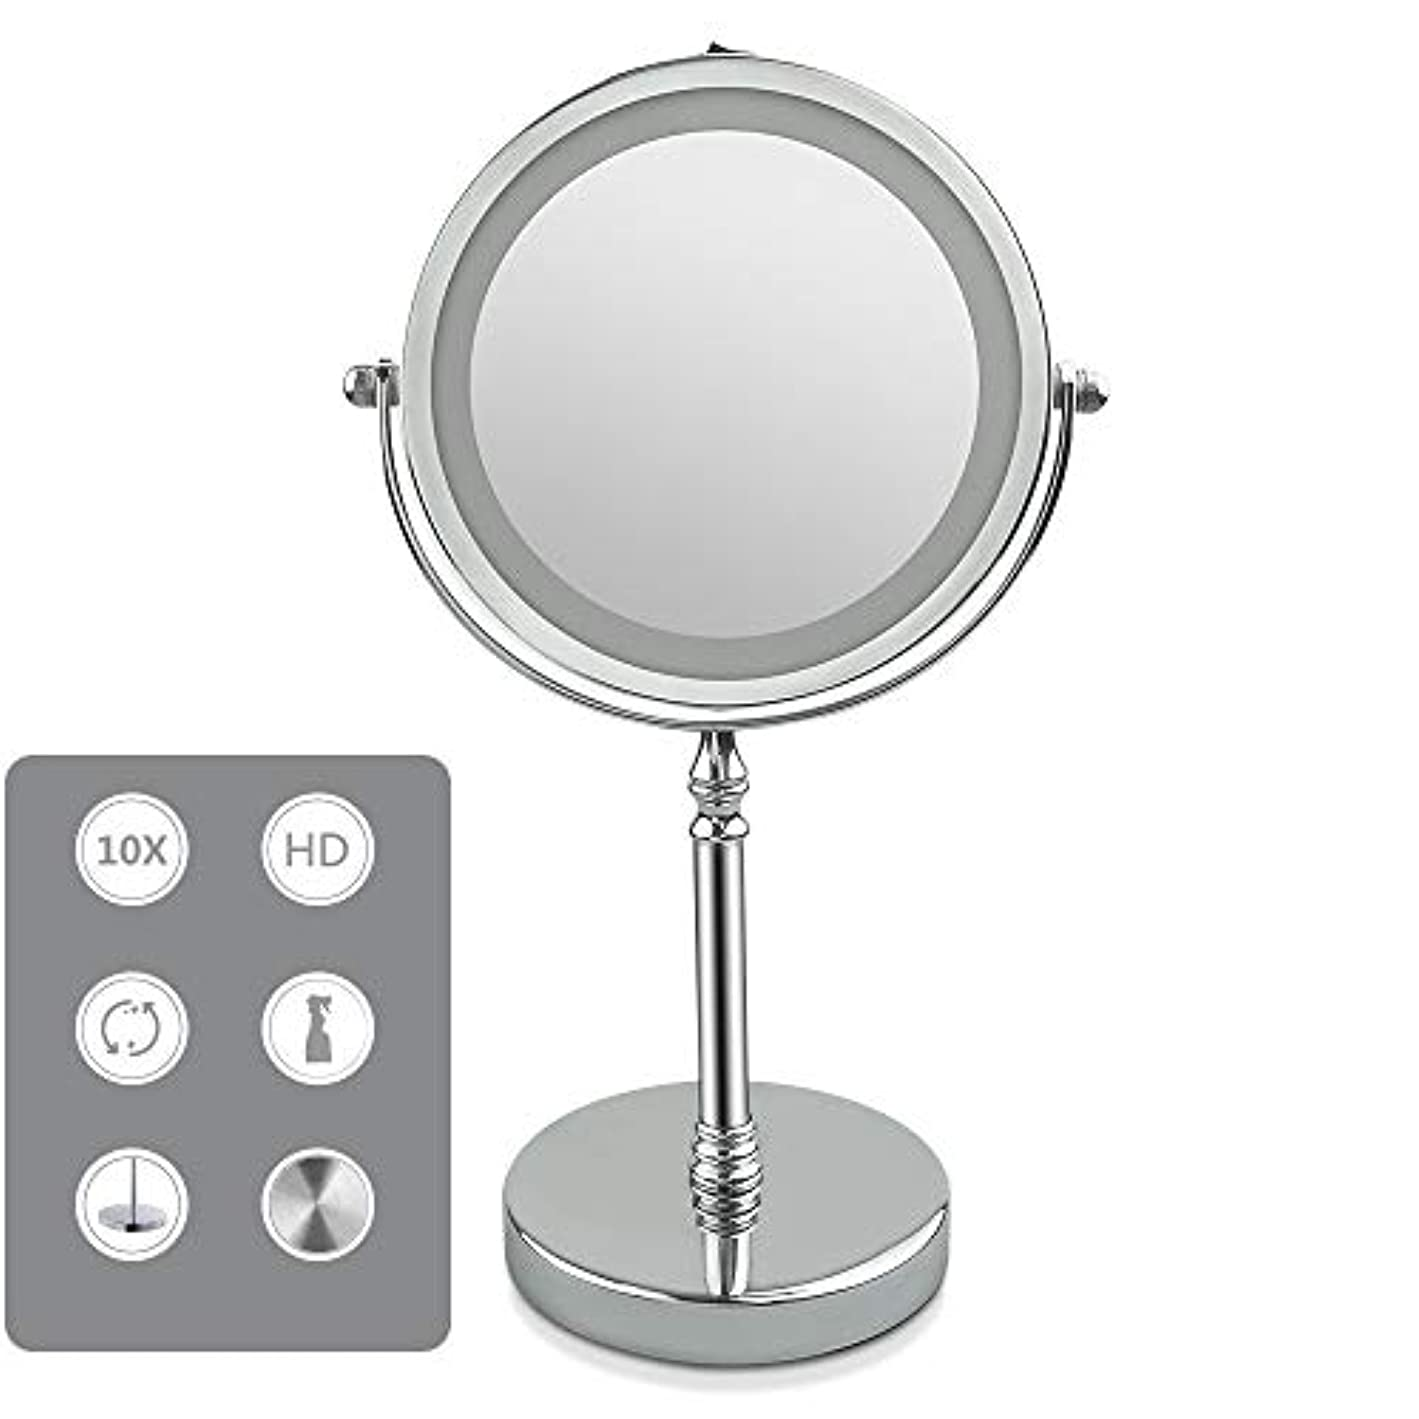 飢蒸顔料化粧鏡 LED化粧鏡 両面鏡 5/10倍拡大鏡付き+等倍鏡 360度回転 女優ミラー 柔らかい光360度回転単三電池給電 卓上ミラー スタンドミラー,5X